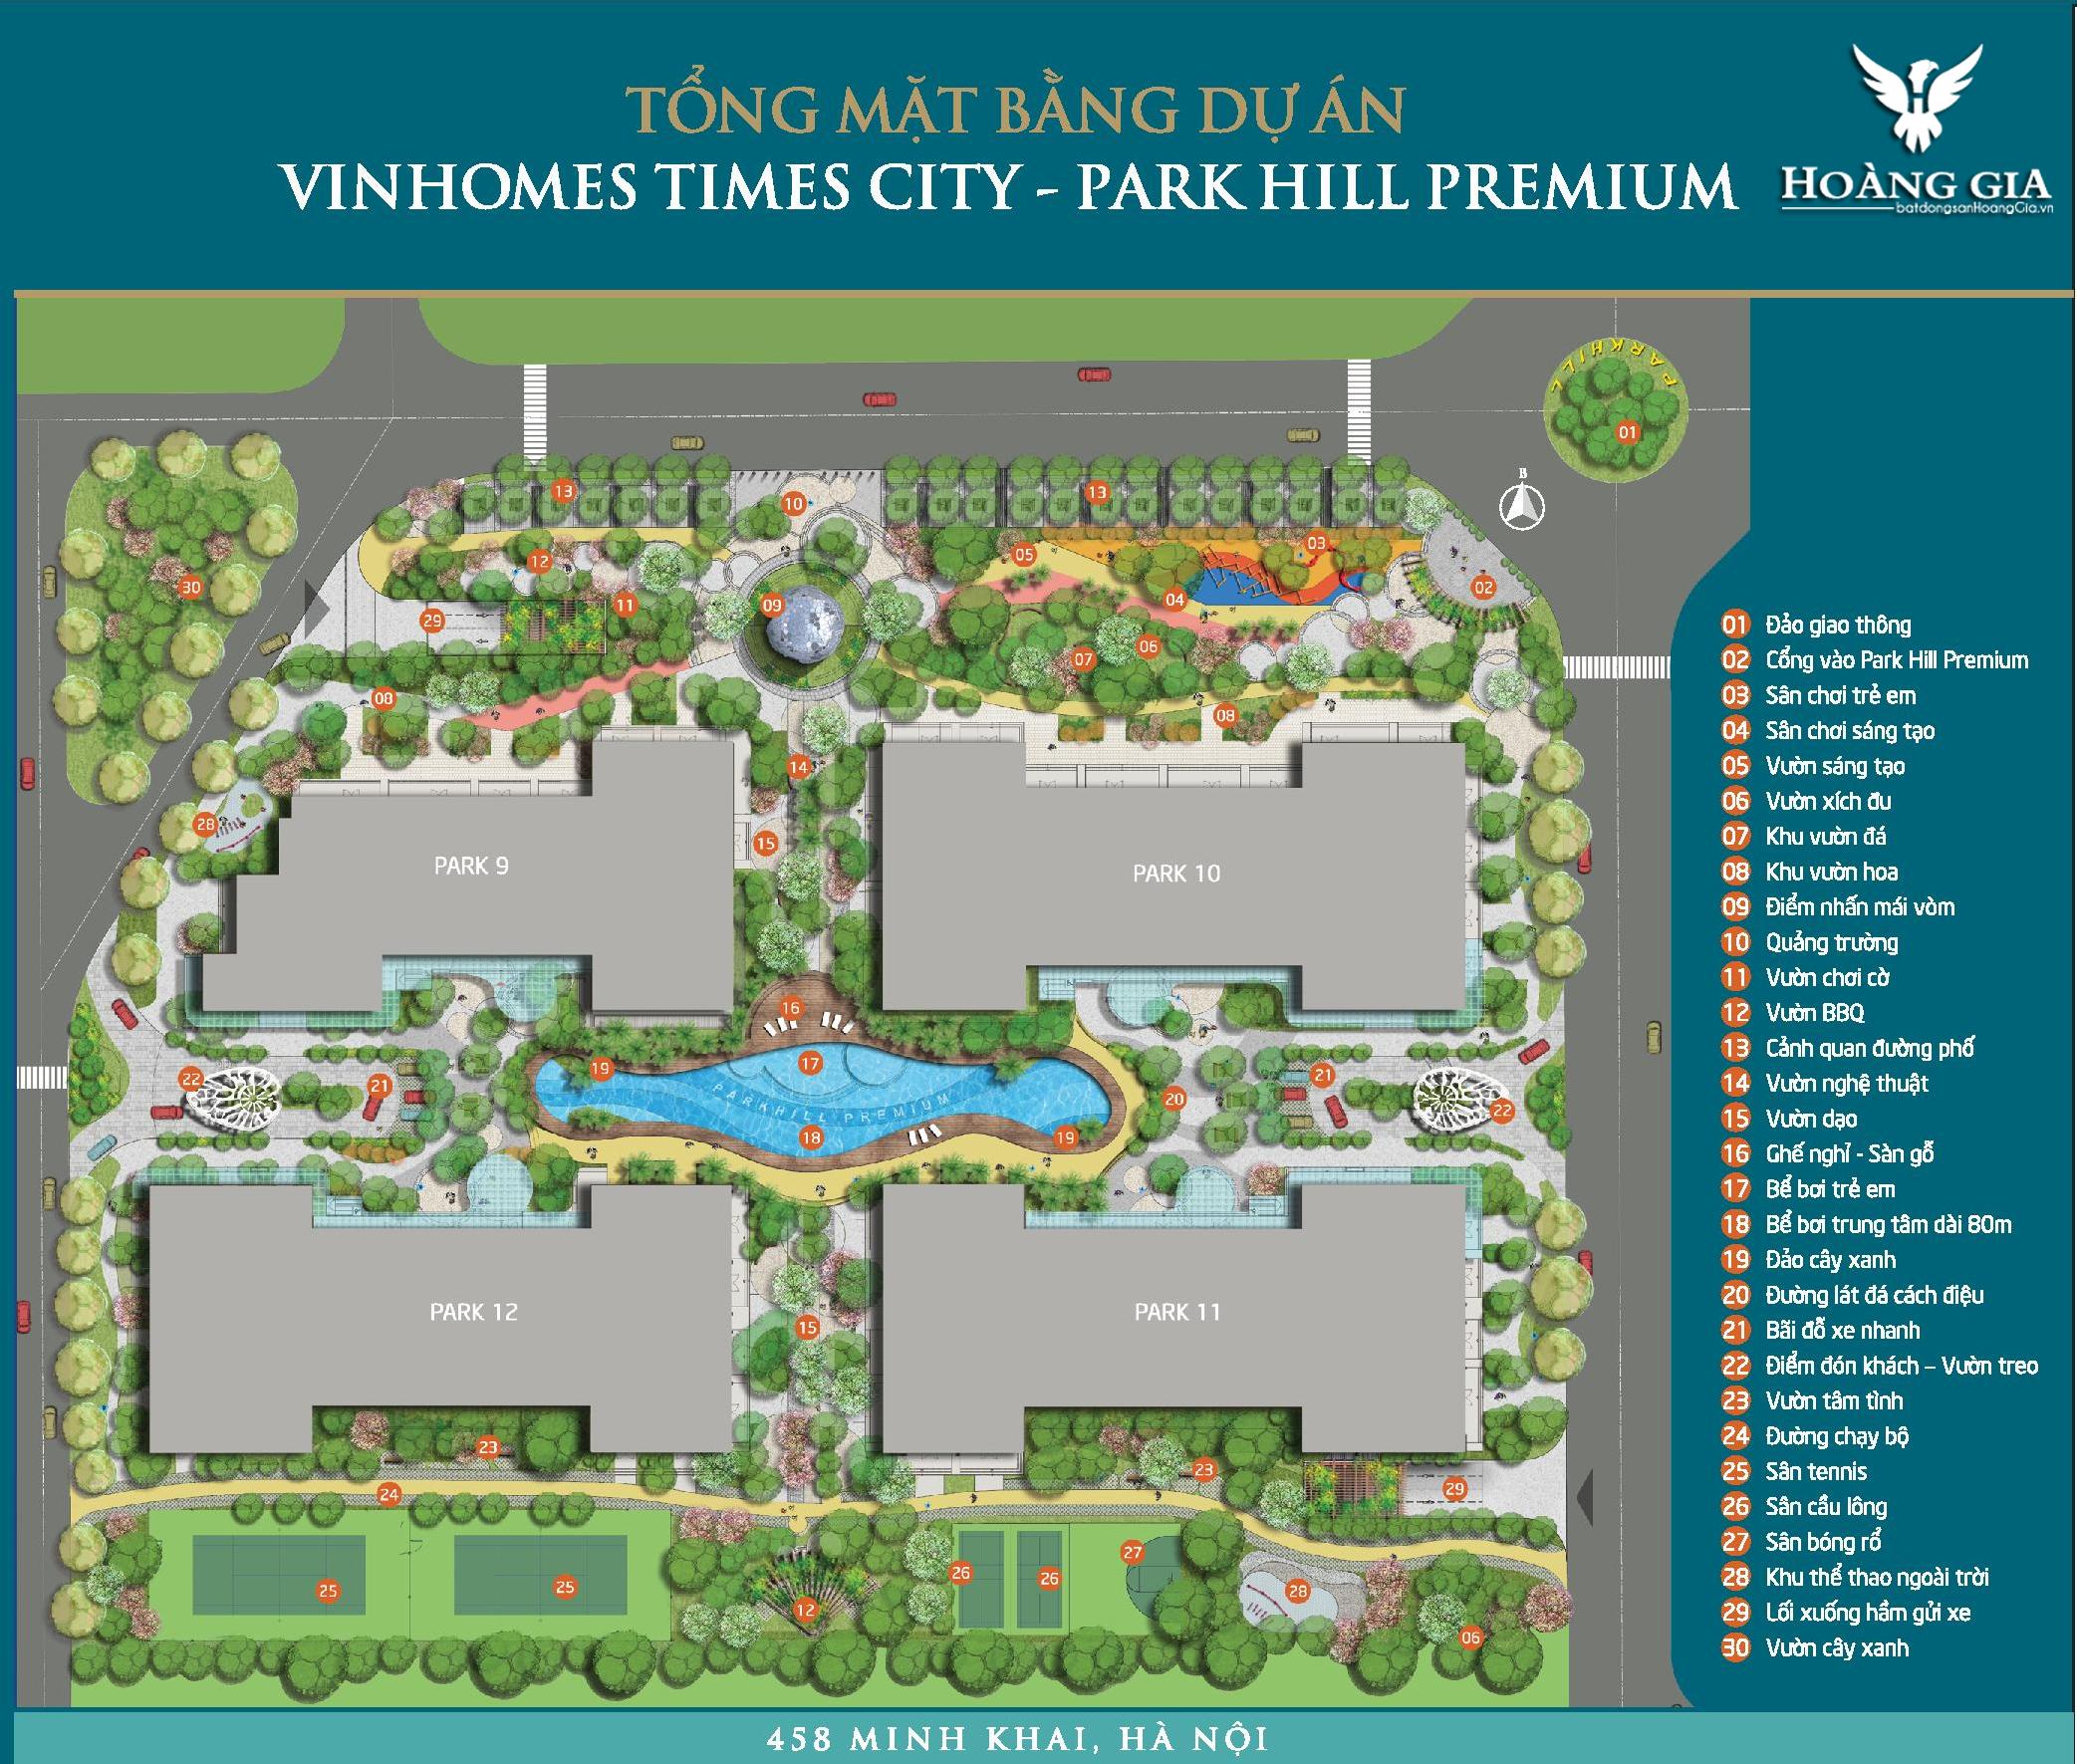 Mặt bằng tổng thể Vinhomes Times City Park Hill Premium